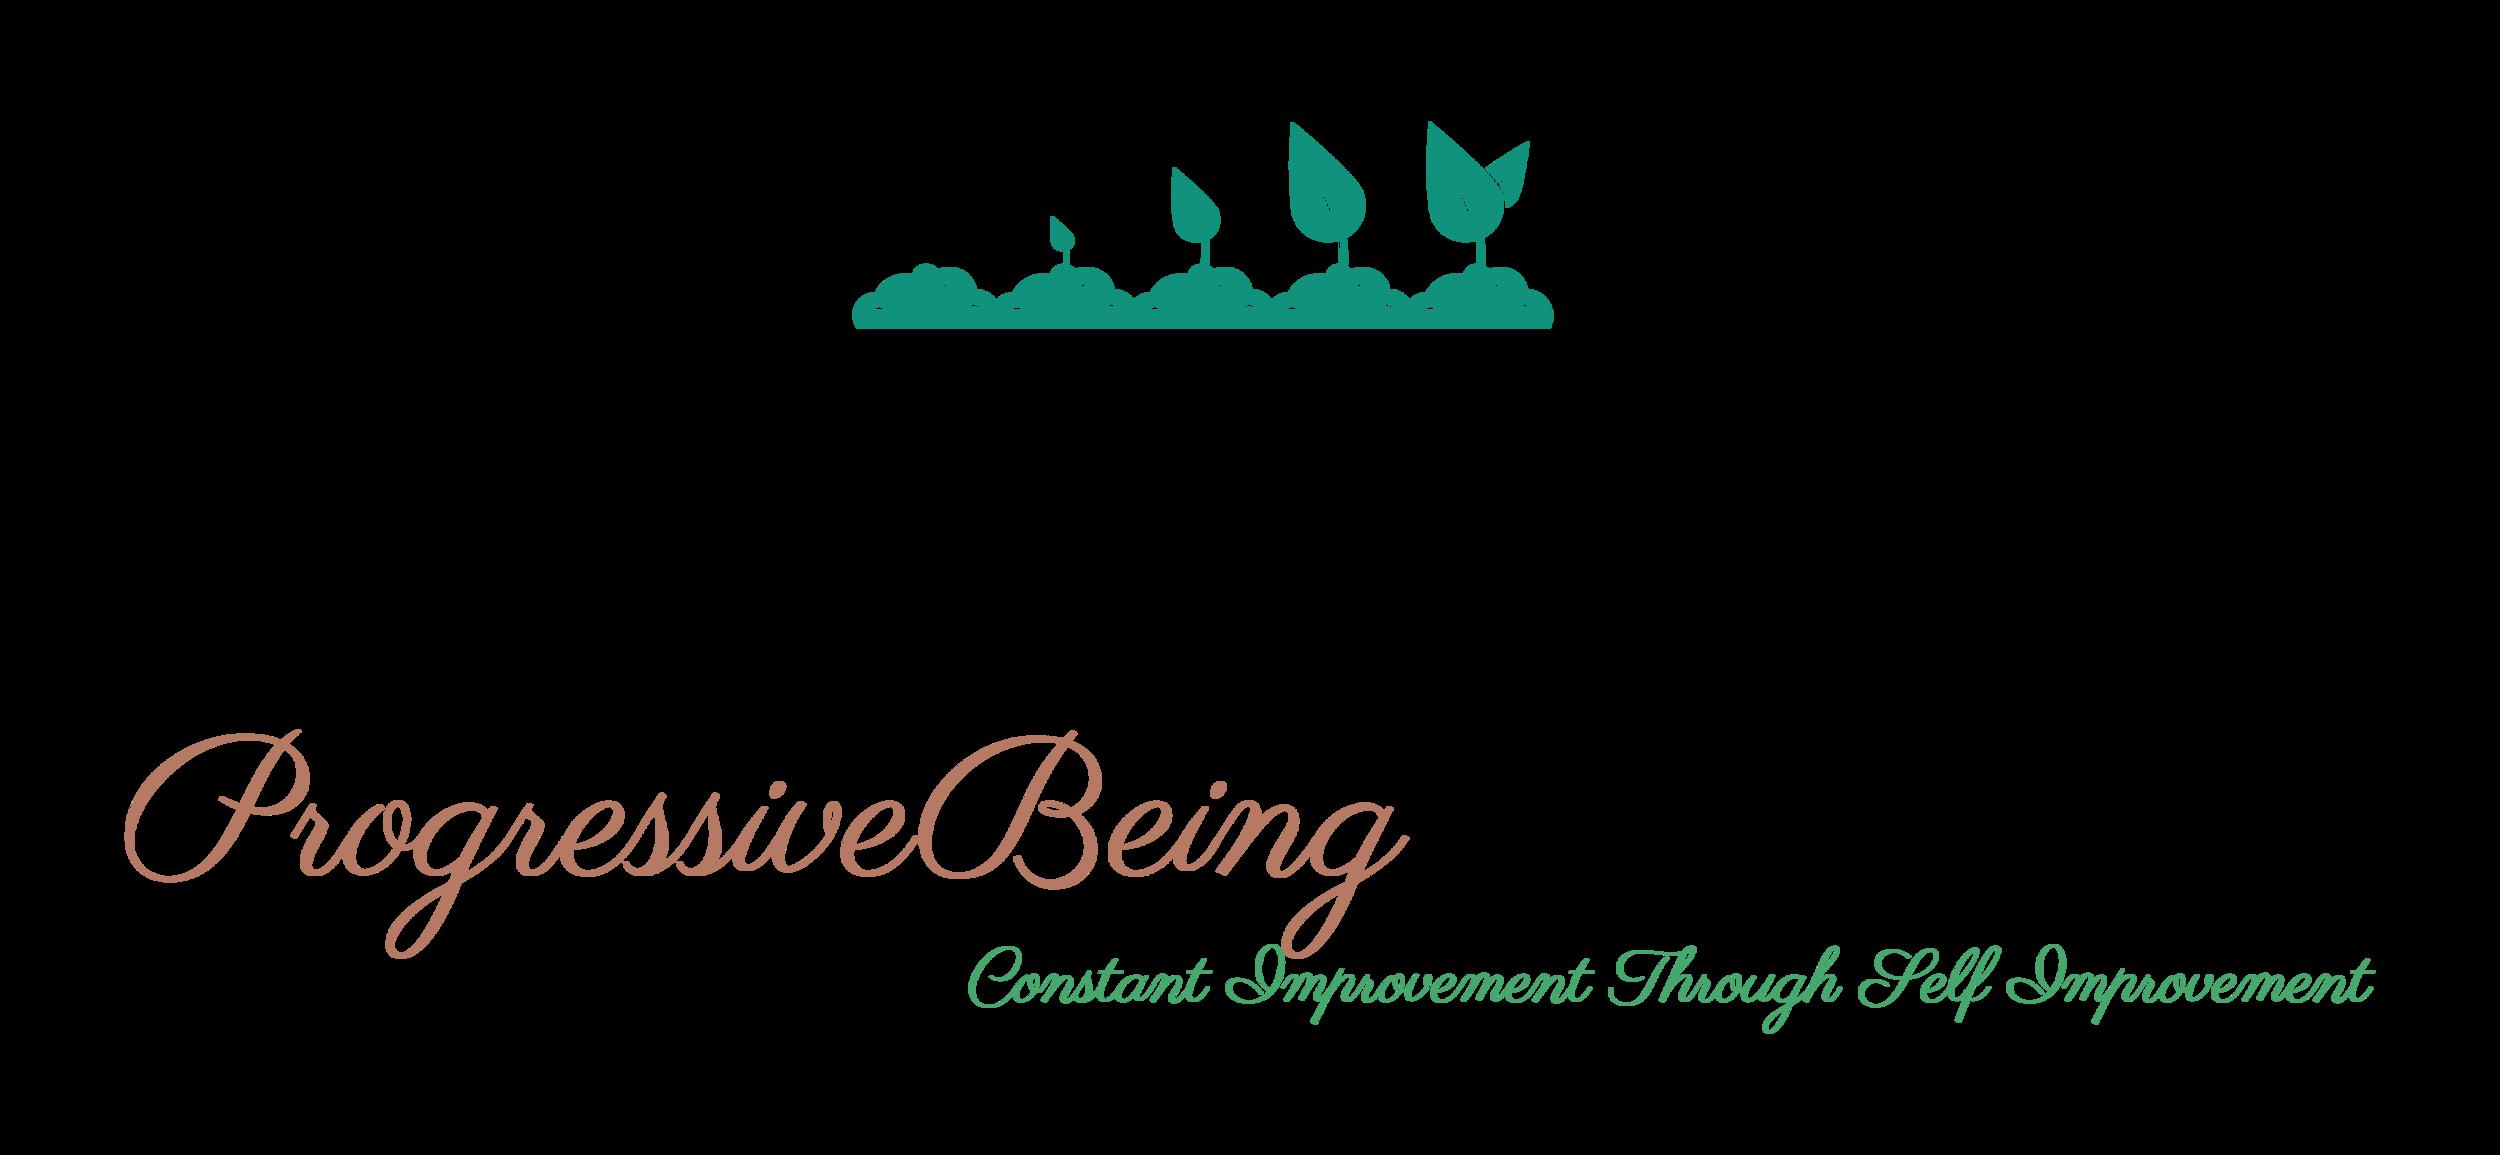 ProgressiveBeing-logo(3).png